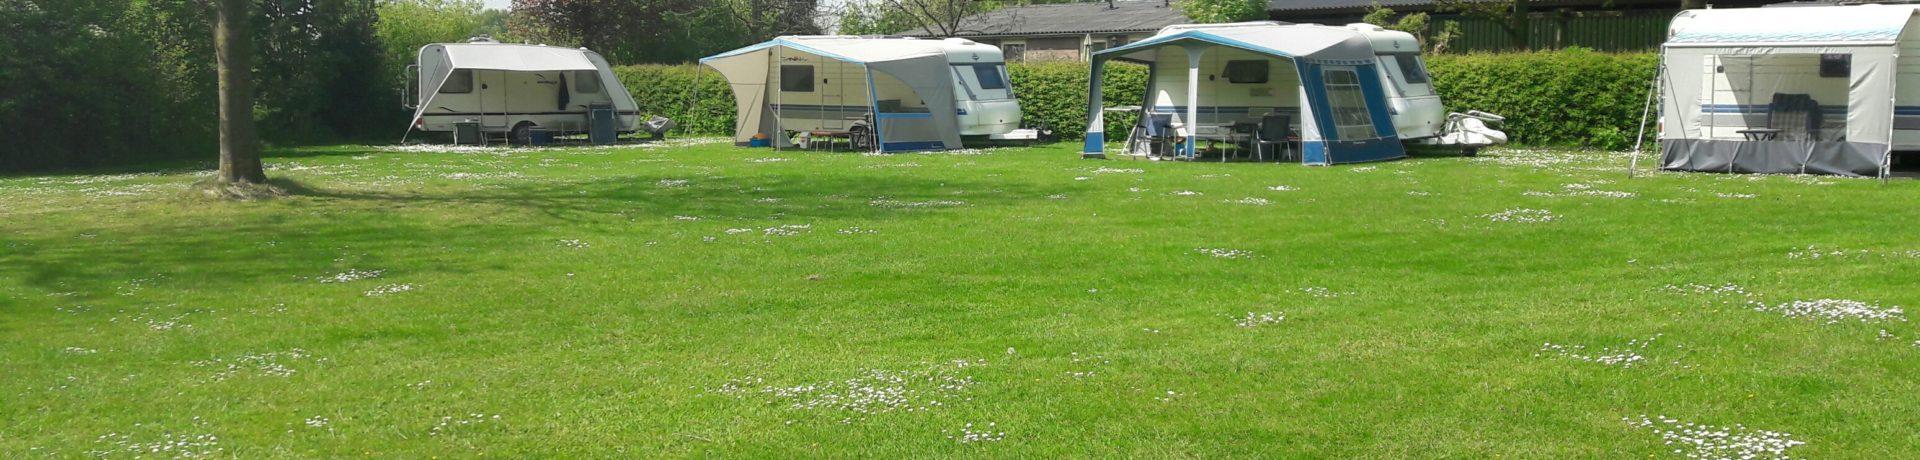 Prachtige rustige kleine camping in Silvolde gemeente Oude IJsselstreek in de provincie Gelderland met 17 ruime plaatsen omringd door weilanden en een eigen bosje.